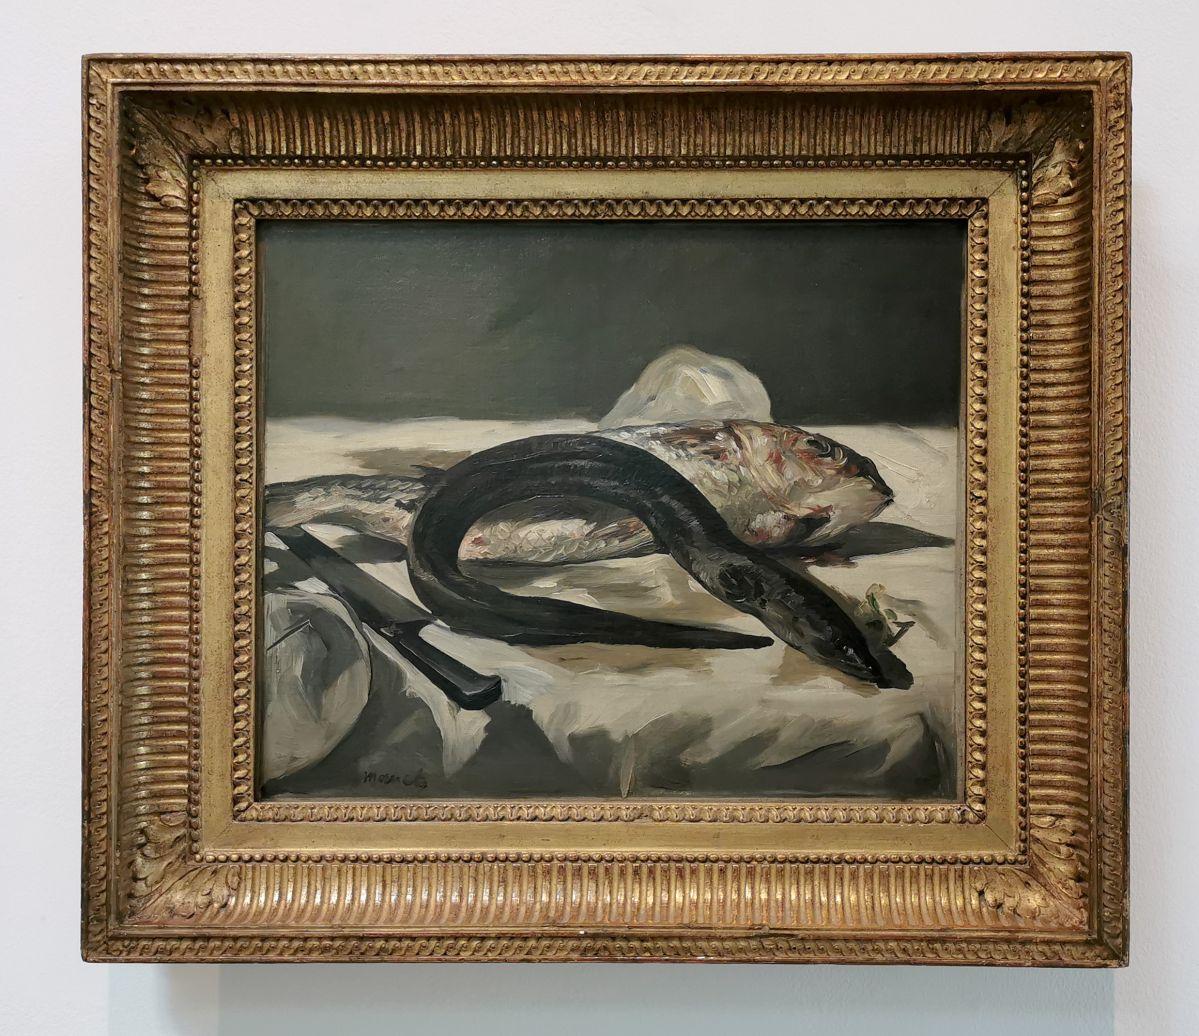 Edouard Manet - Anguille et rouget, 1864 - Paul Valéry et les peintres - Le cercle familial - Musée Paul Valéry à Sète